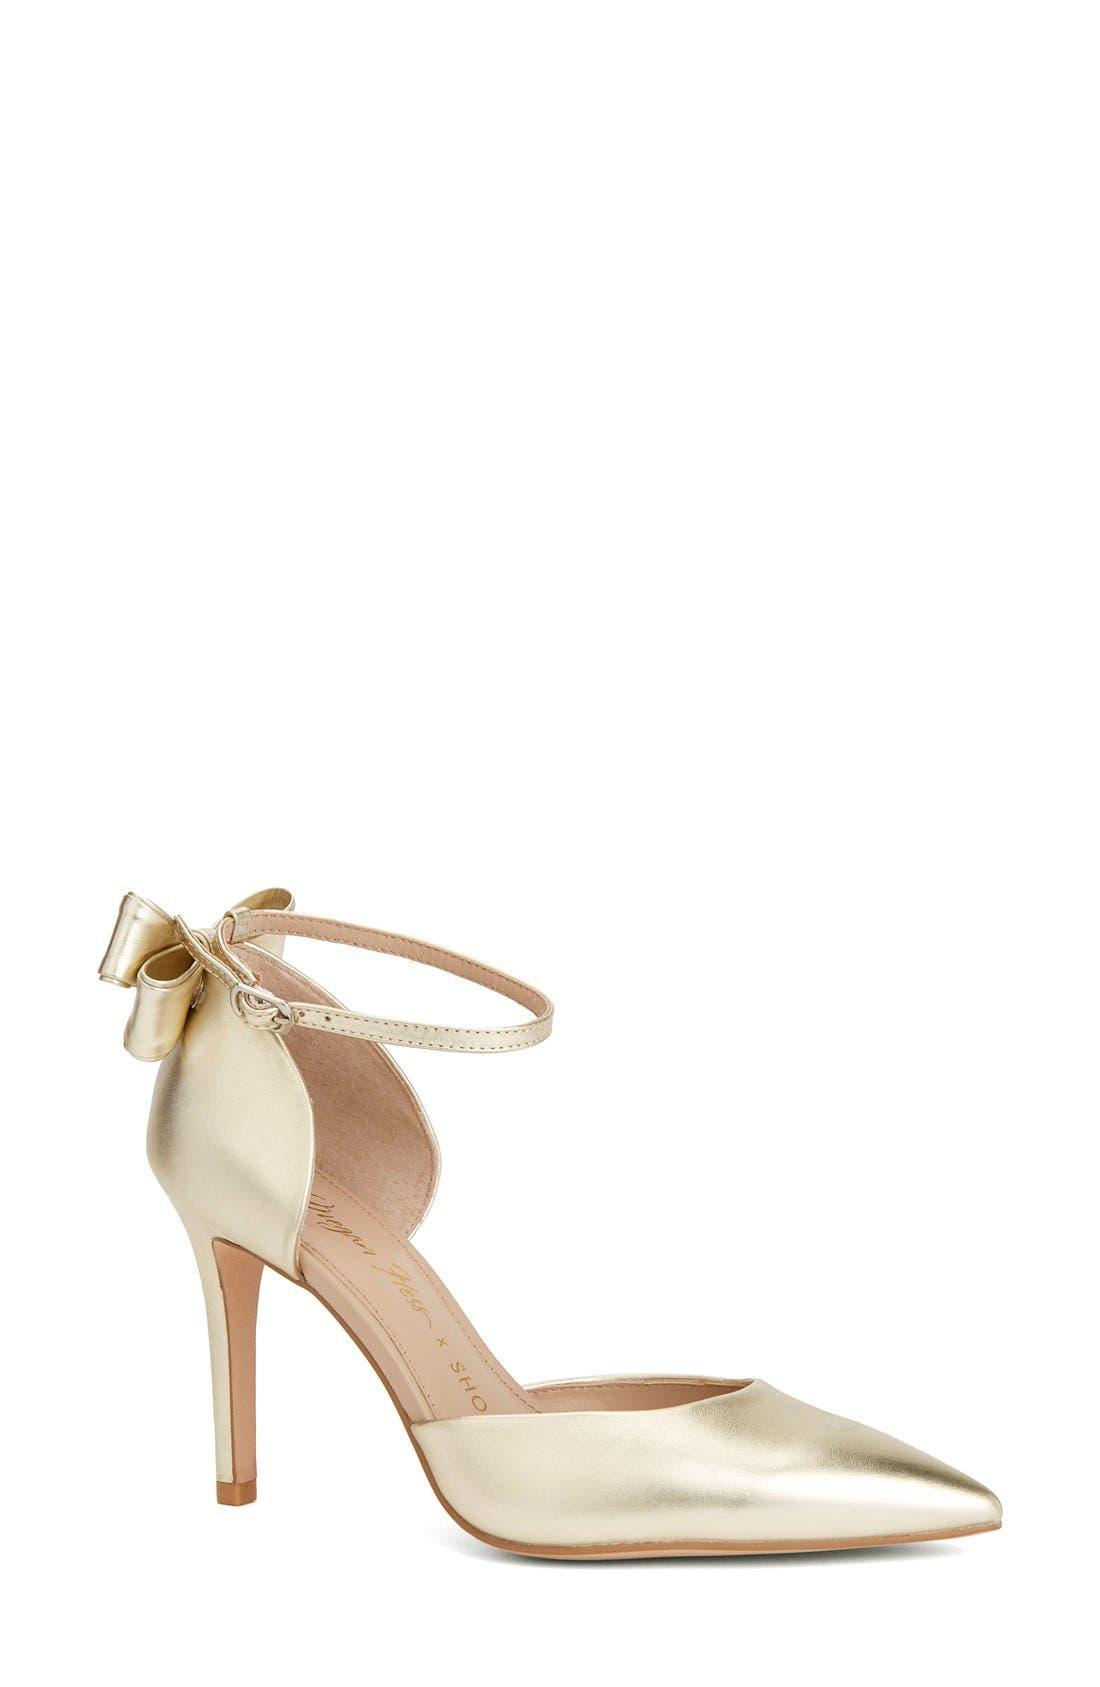 Shoes of Prey x Megan Hess Fleur-de-lis Collection d'Orsay Pump (Women)